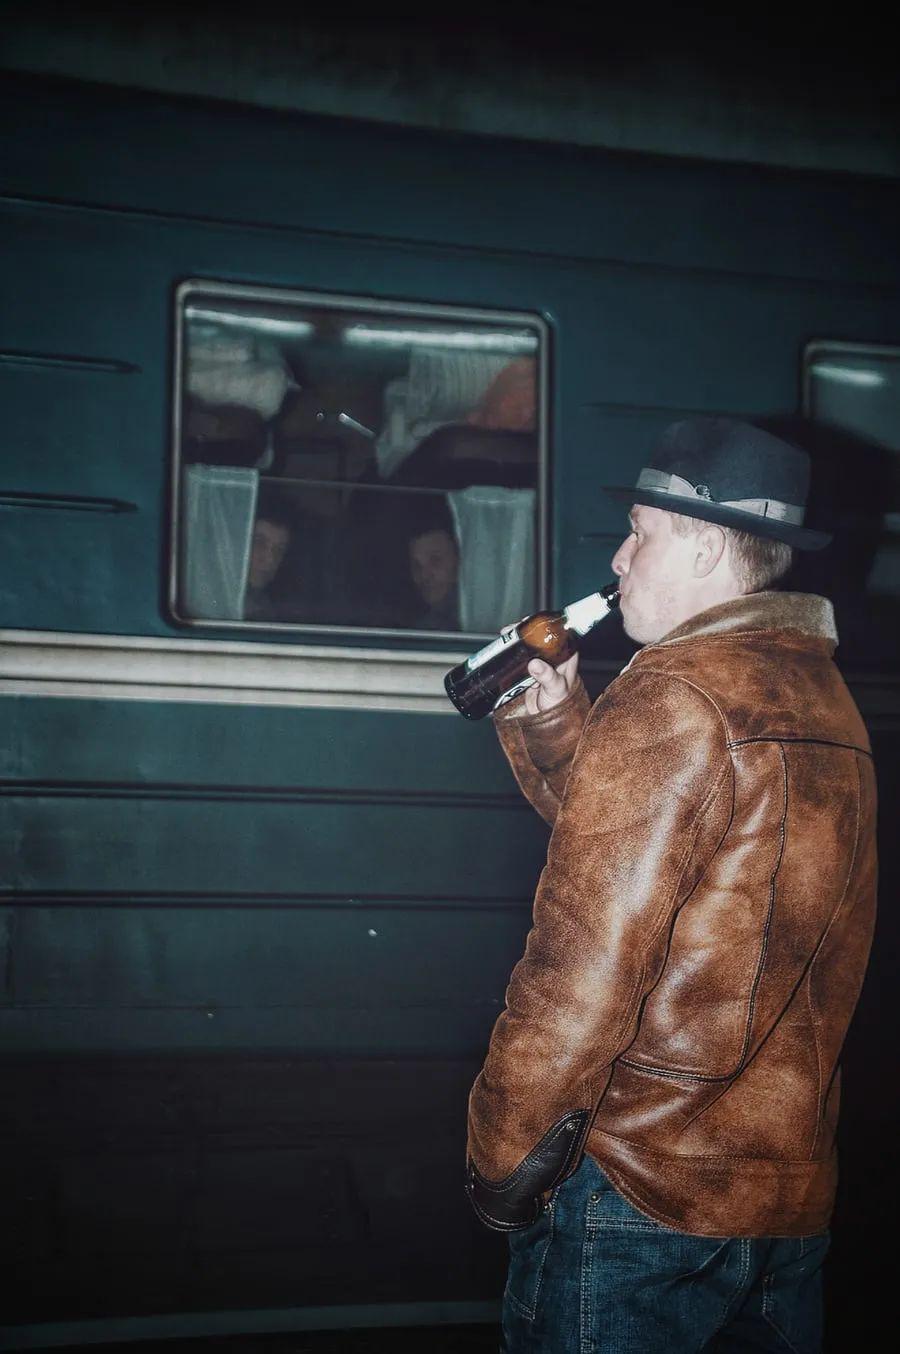 △ 上火车前也要来上一杯/unsplash